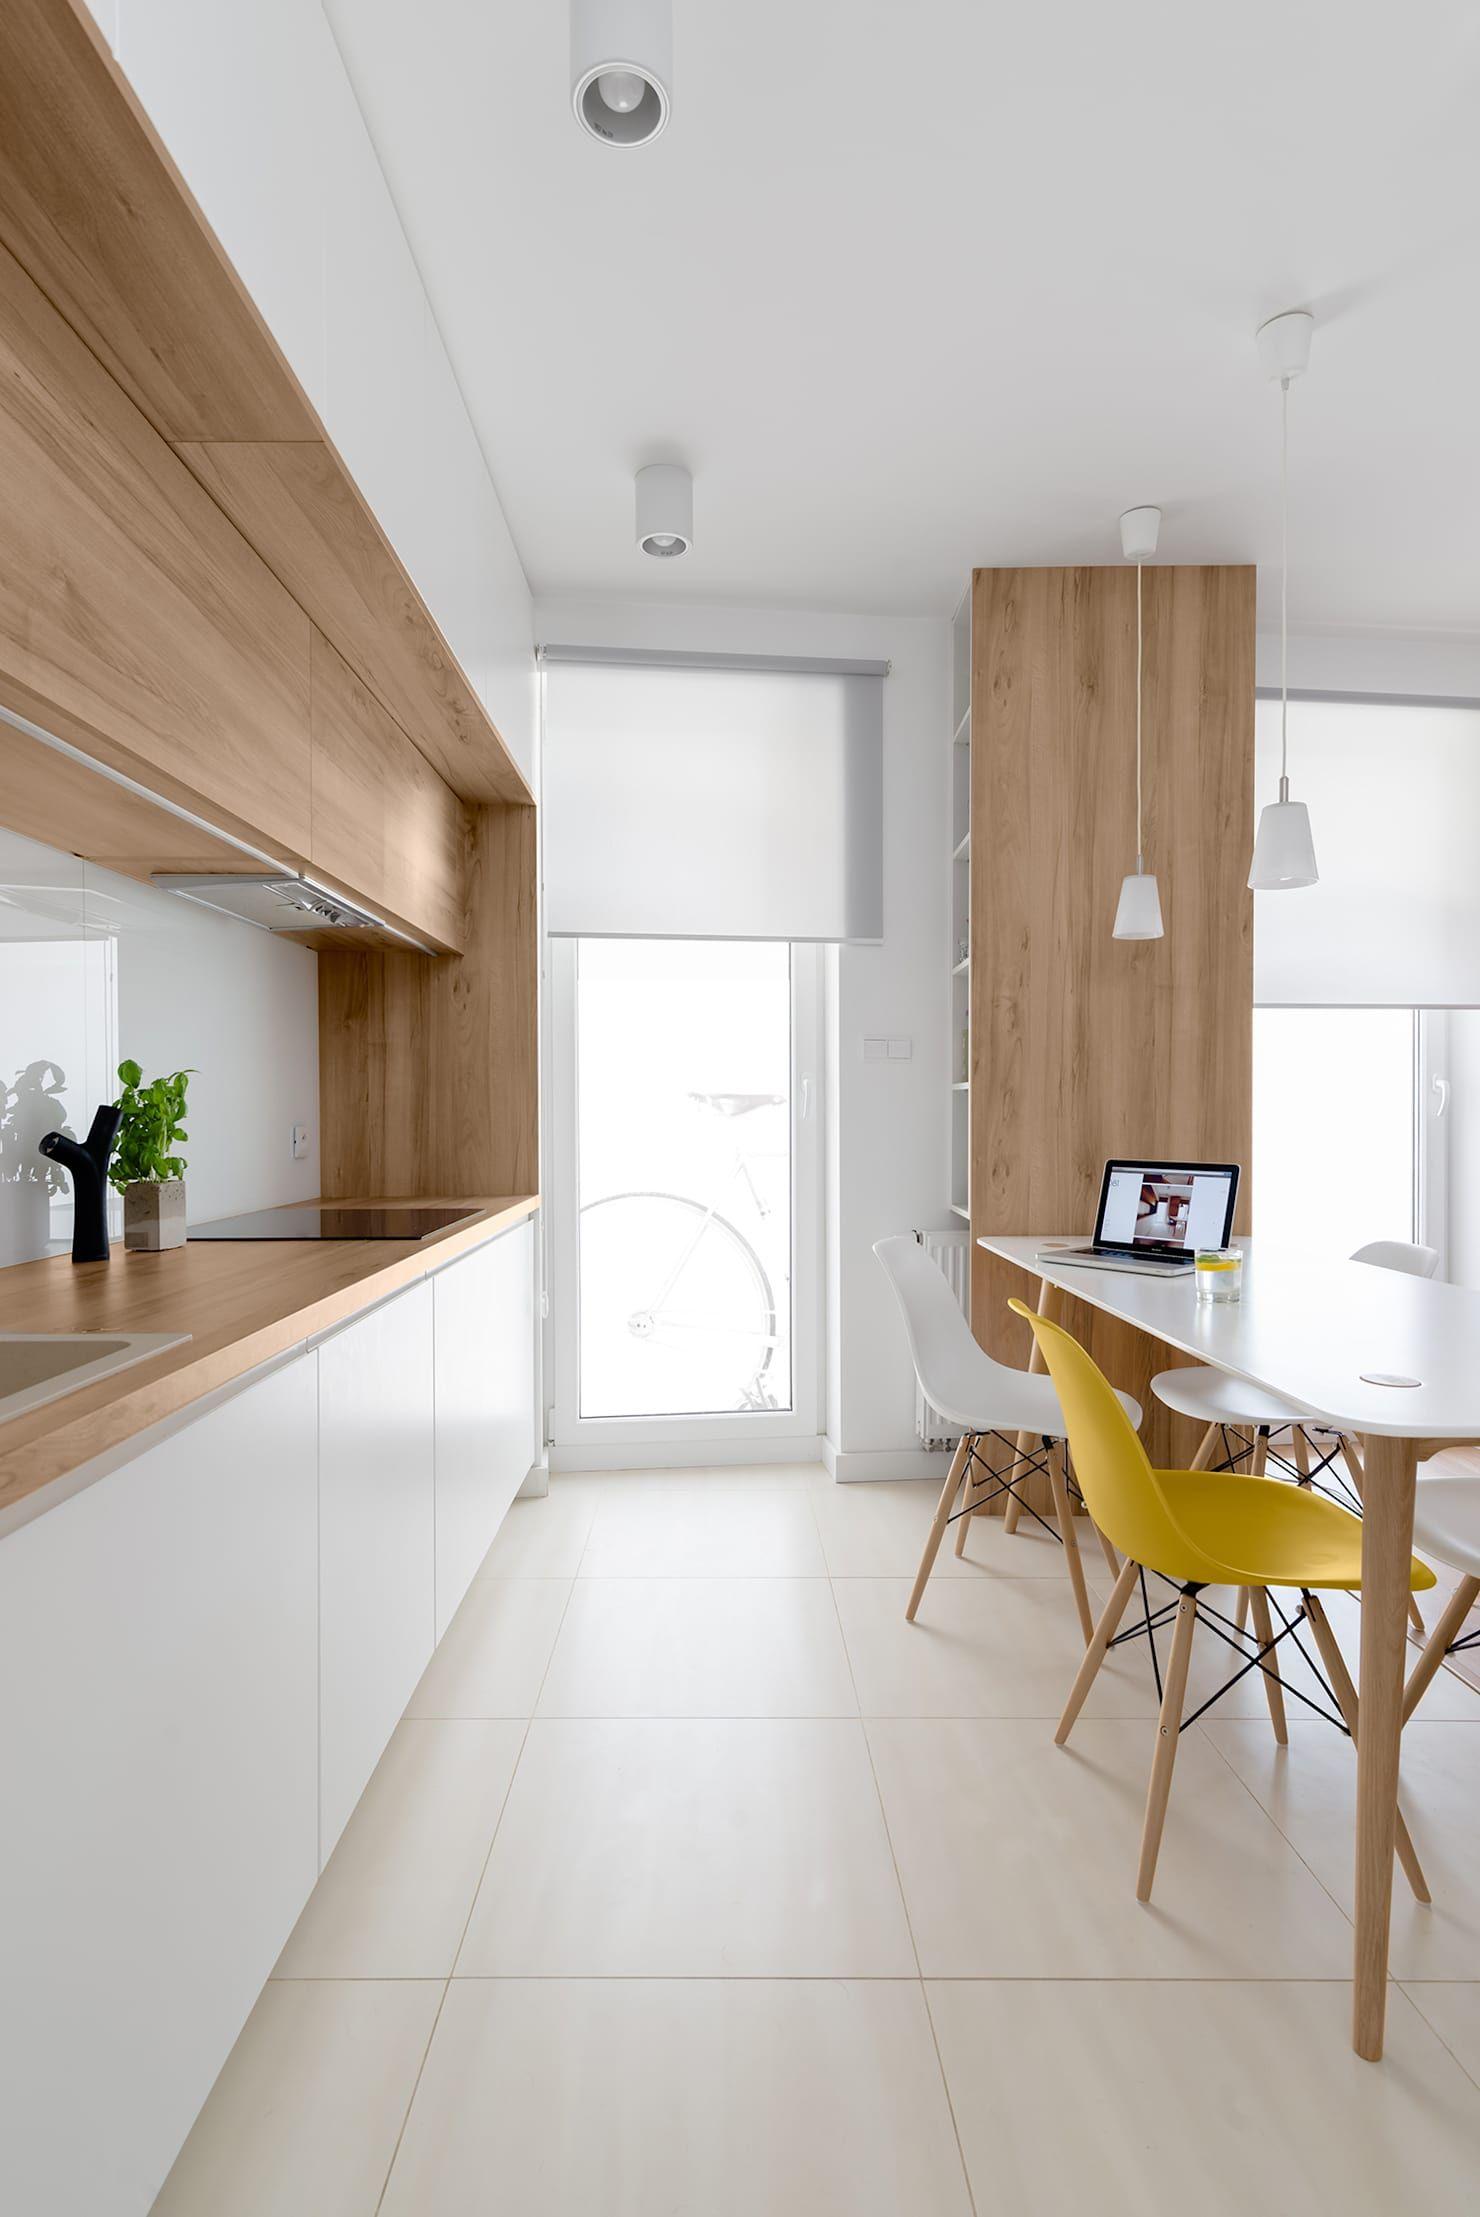 Mieszkanie mim 081 architekci minimalistyczna kuchnia